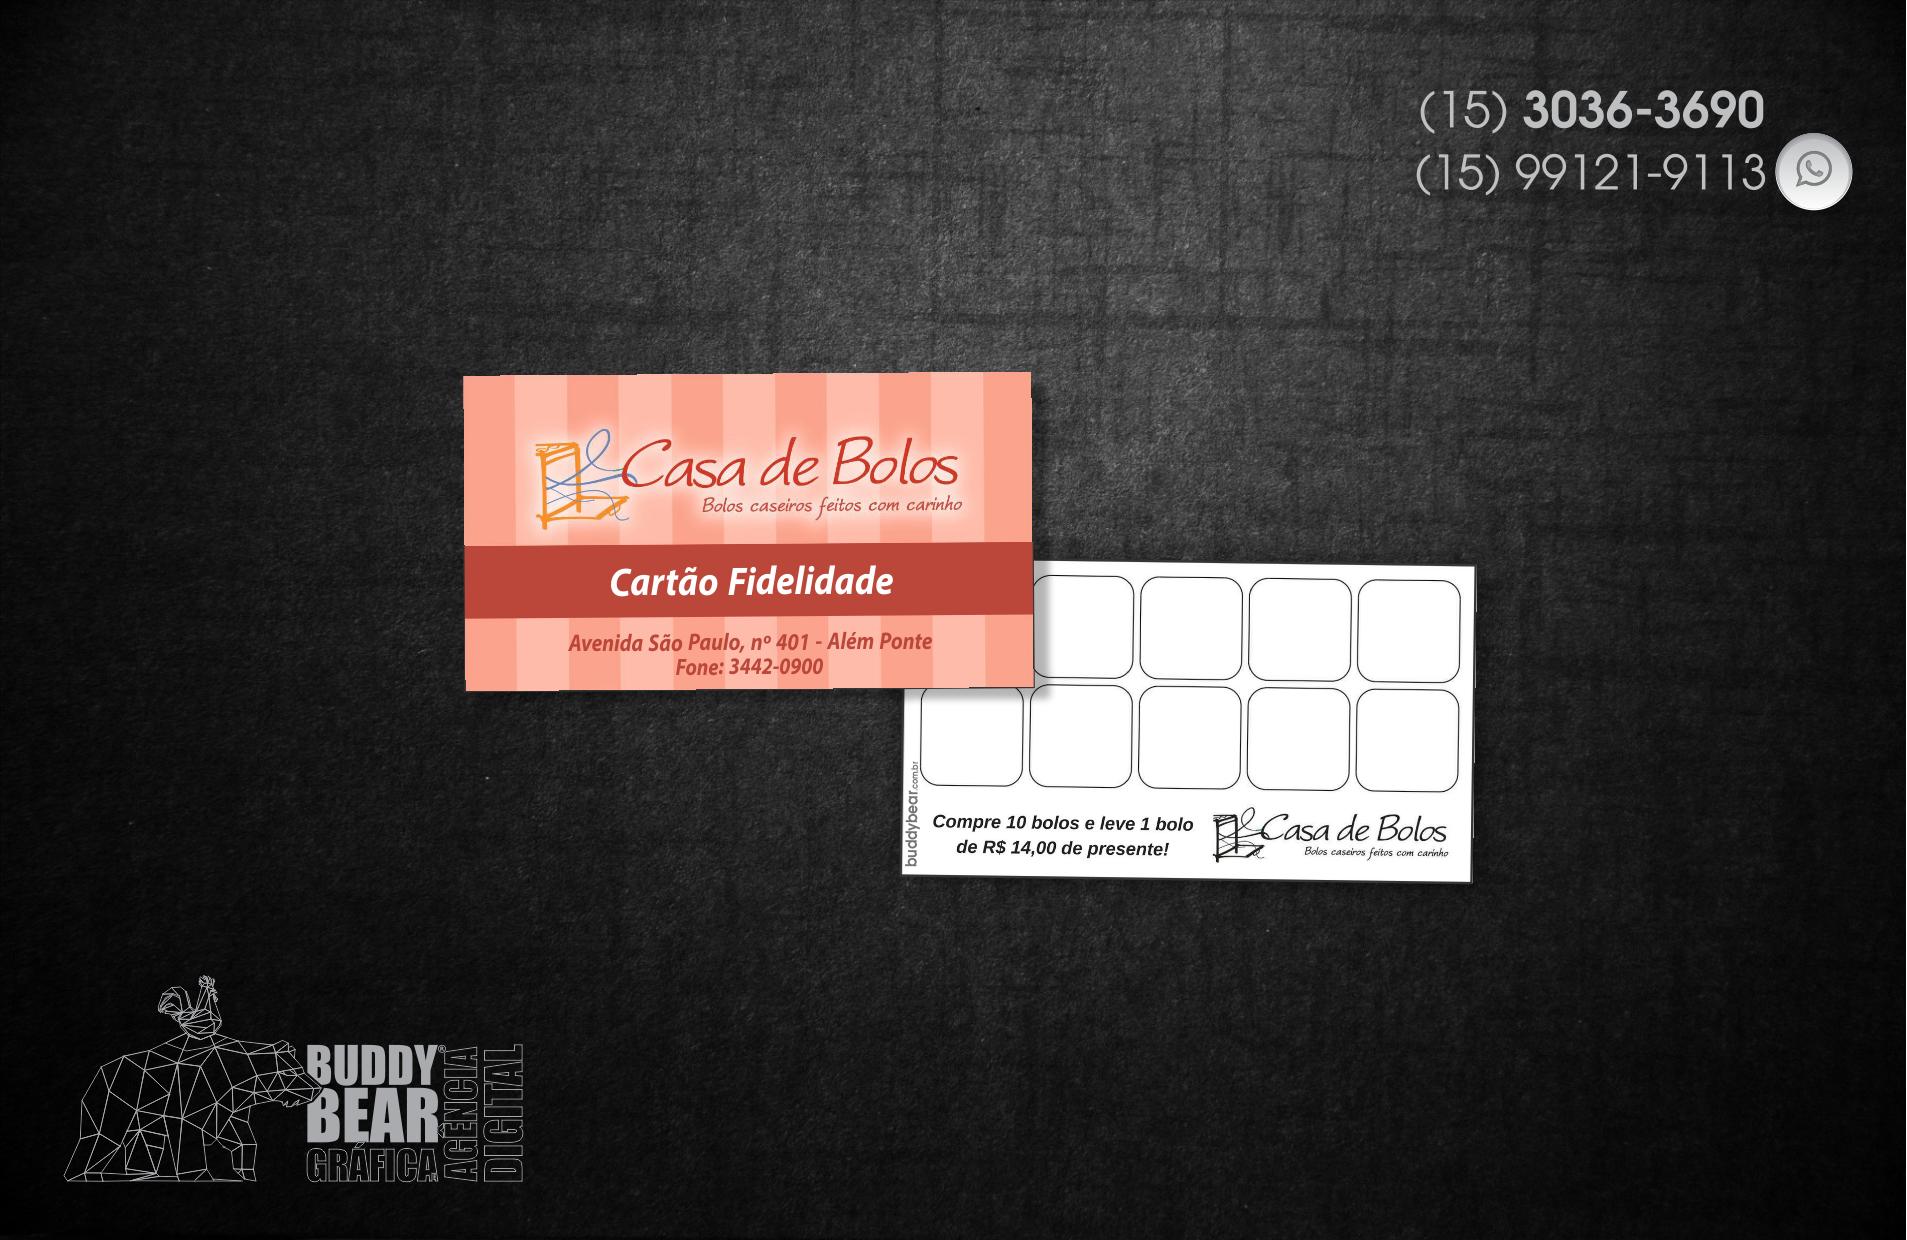 Cartão_Fidelidade_CASA_DE_BOLOS_01